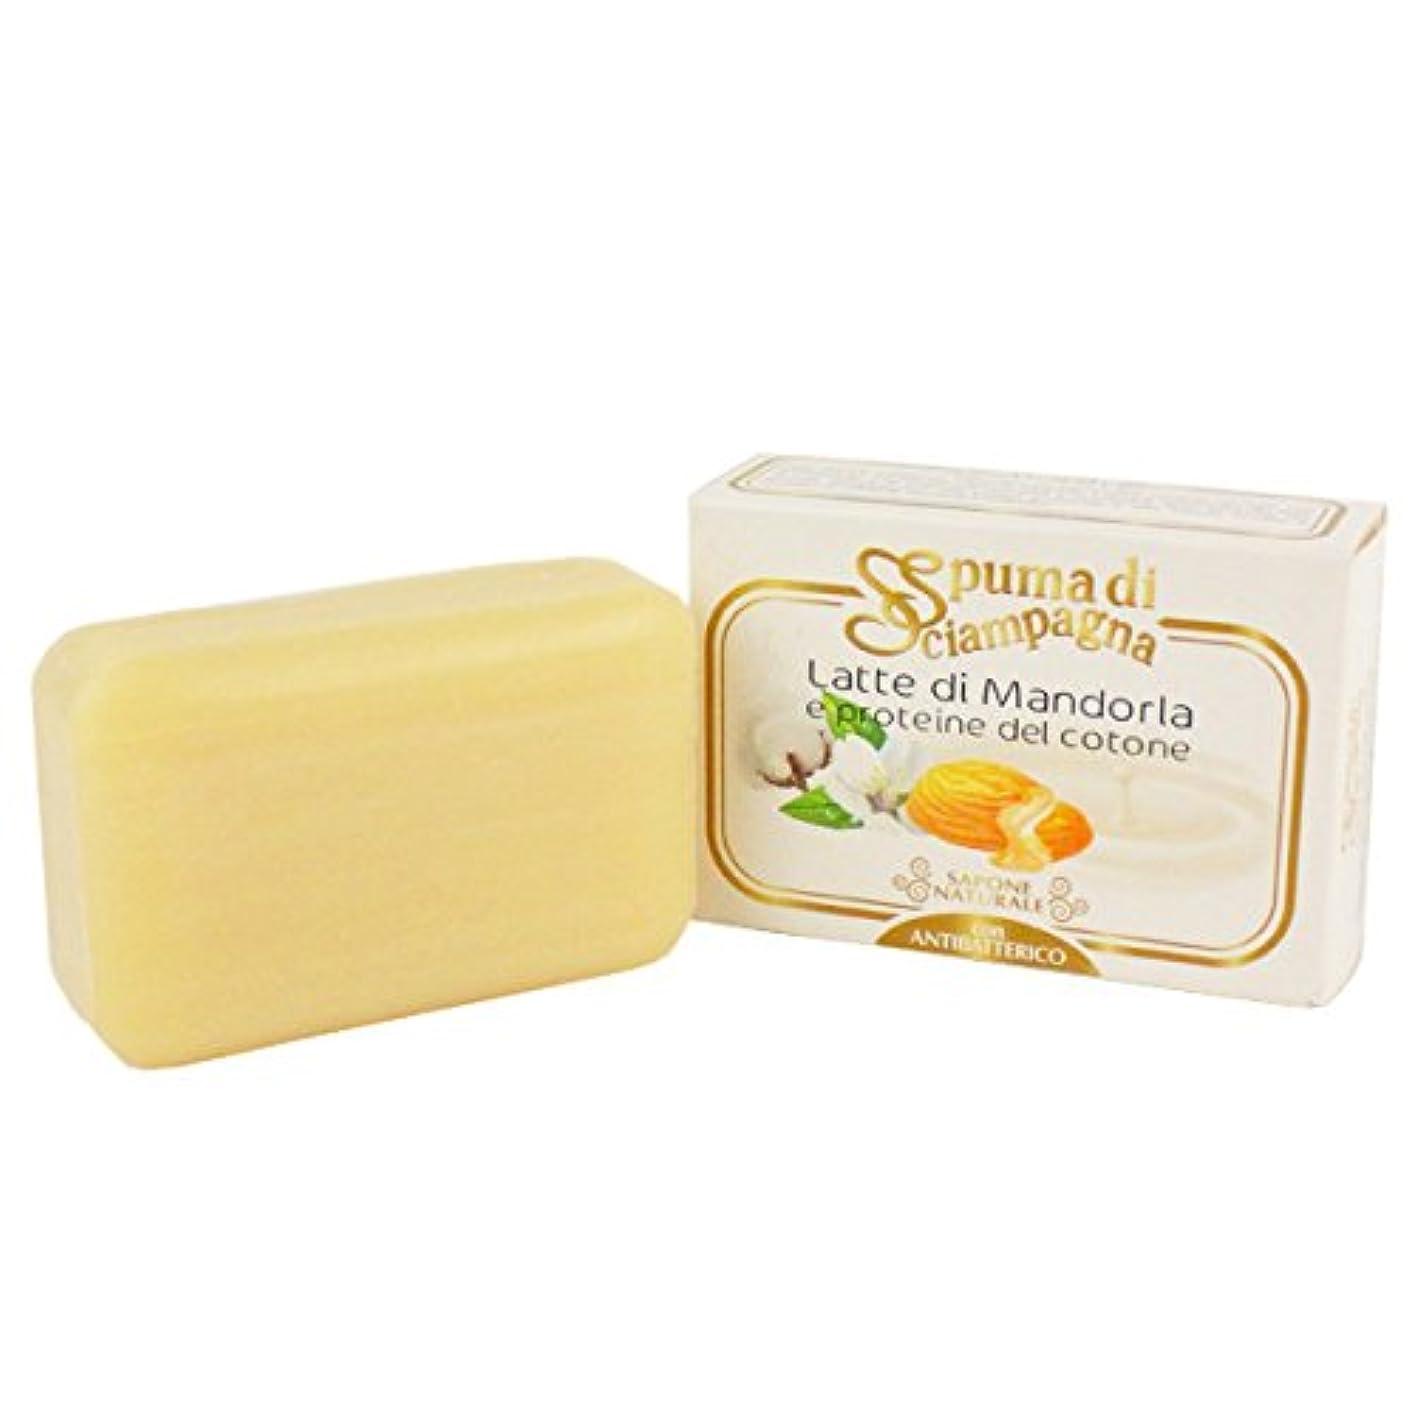 許可するソフトウェア敬礼Spuma di Sciampagna (スプーマ ディ シャンパーニャ) ナチュラルソープ 化粧石けん 145g アーモンドの香り